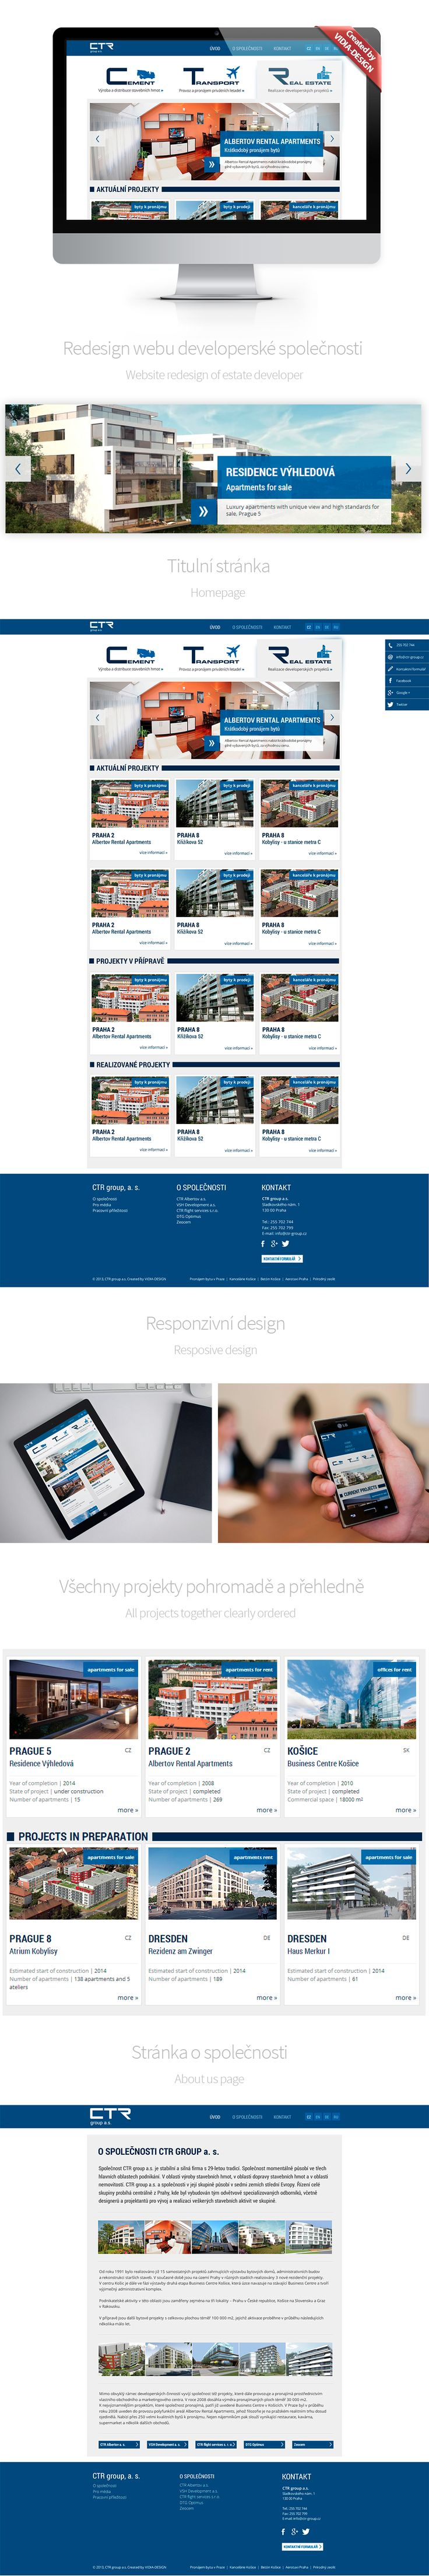 Spustili jsme nové webové stránky společnosti CTR group. Můžete se pokochat nejen developerskými projekty!  We launch new website of the CTR group company. You can not only admire the spectacular developer projects...